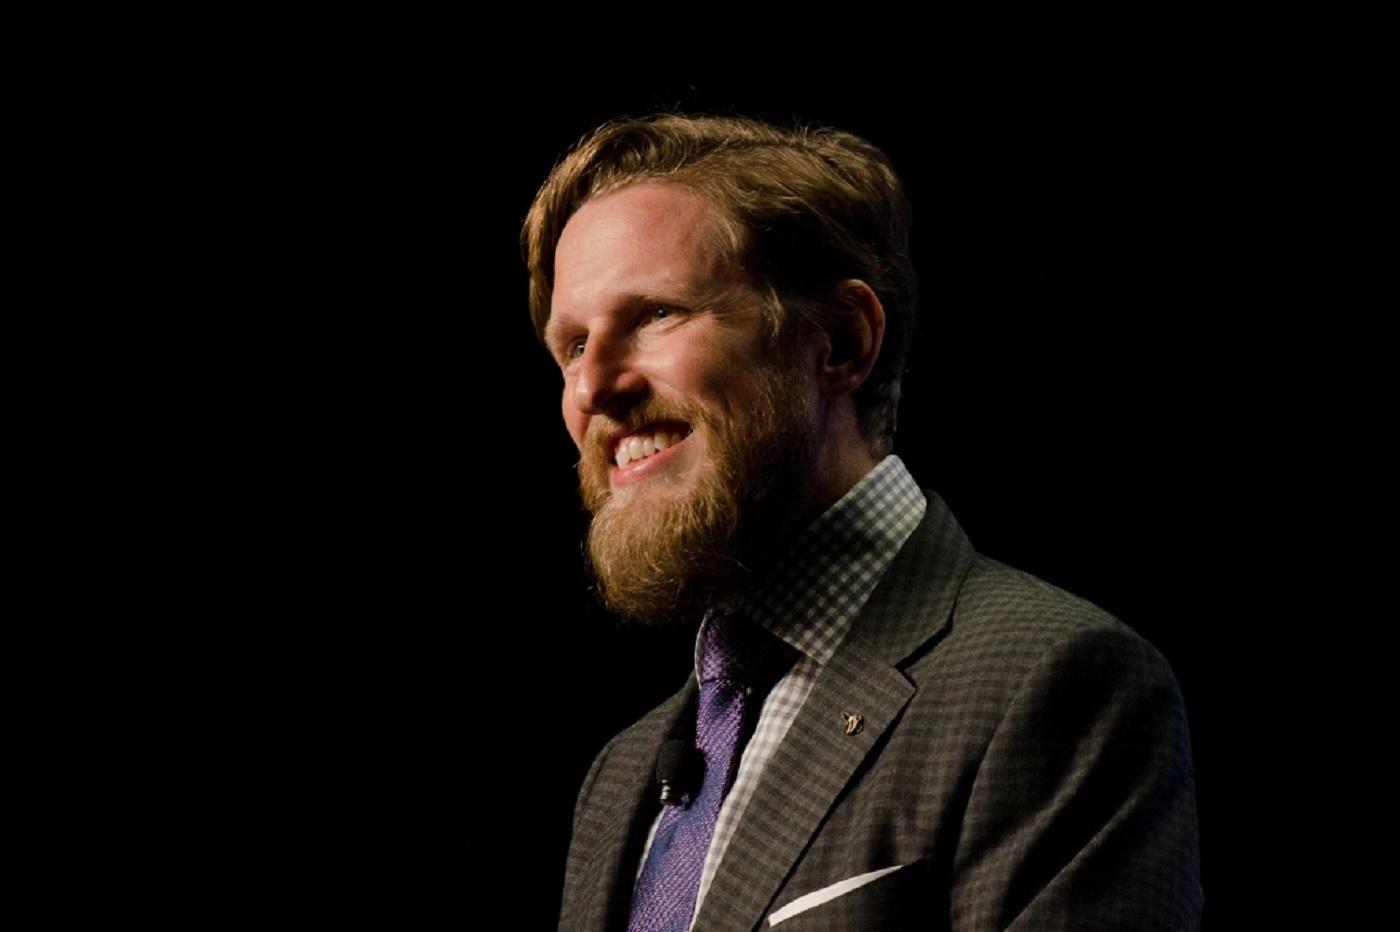 Matt Mullenweg, fondateur d'Automattic